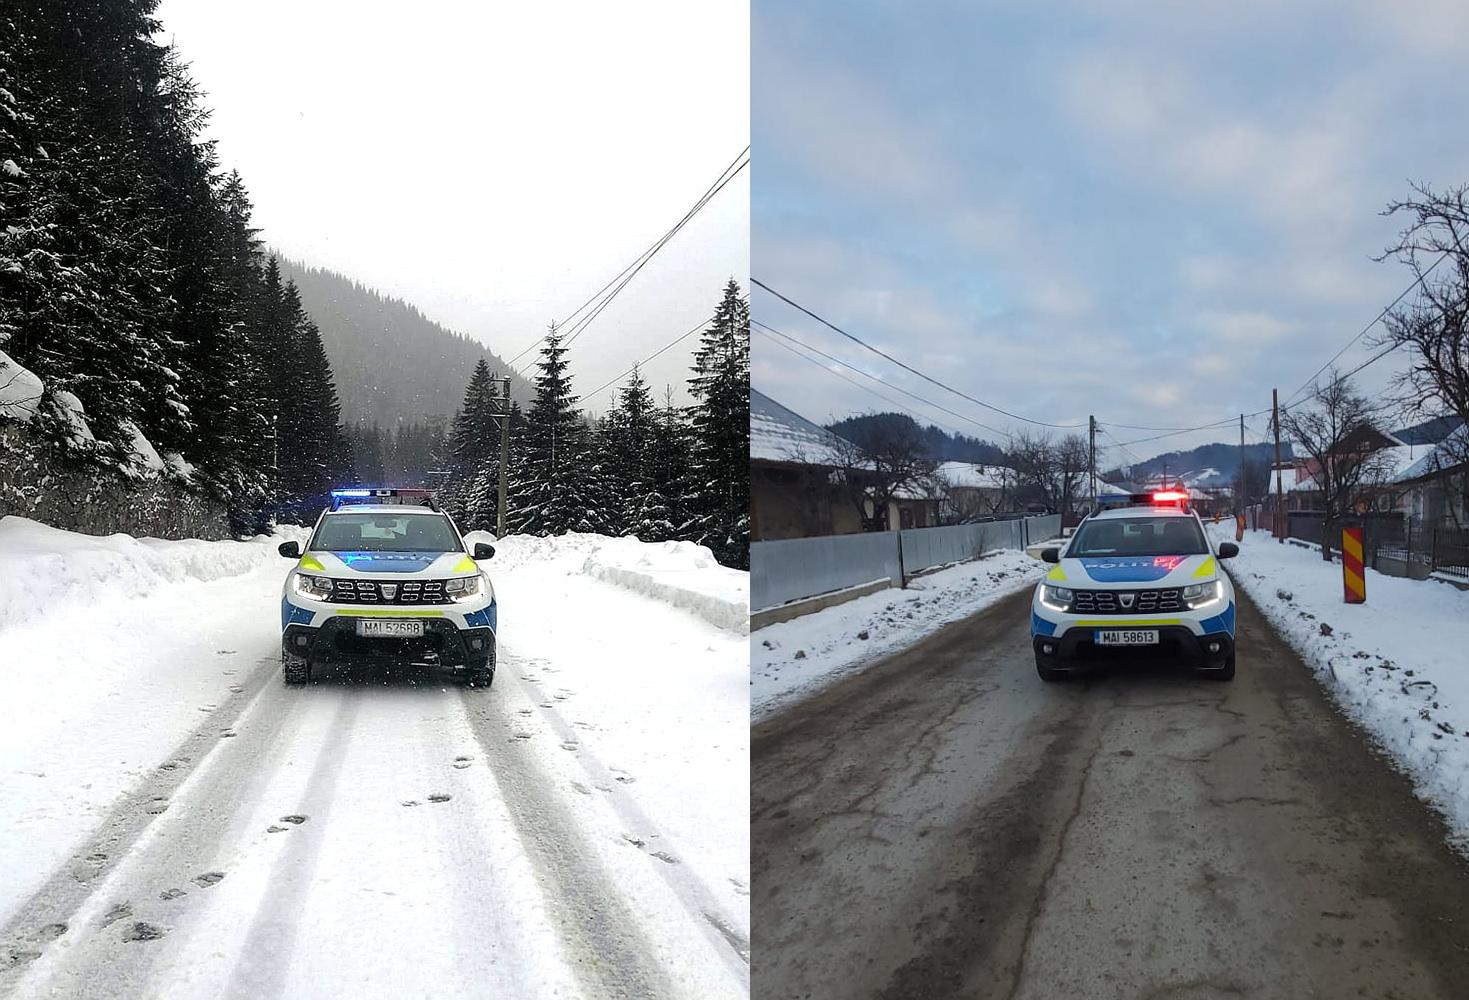 50 de echipaje de poliție în teren pentru suravegherea și fluidizarea traficului rutier în condiții de iarnă